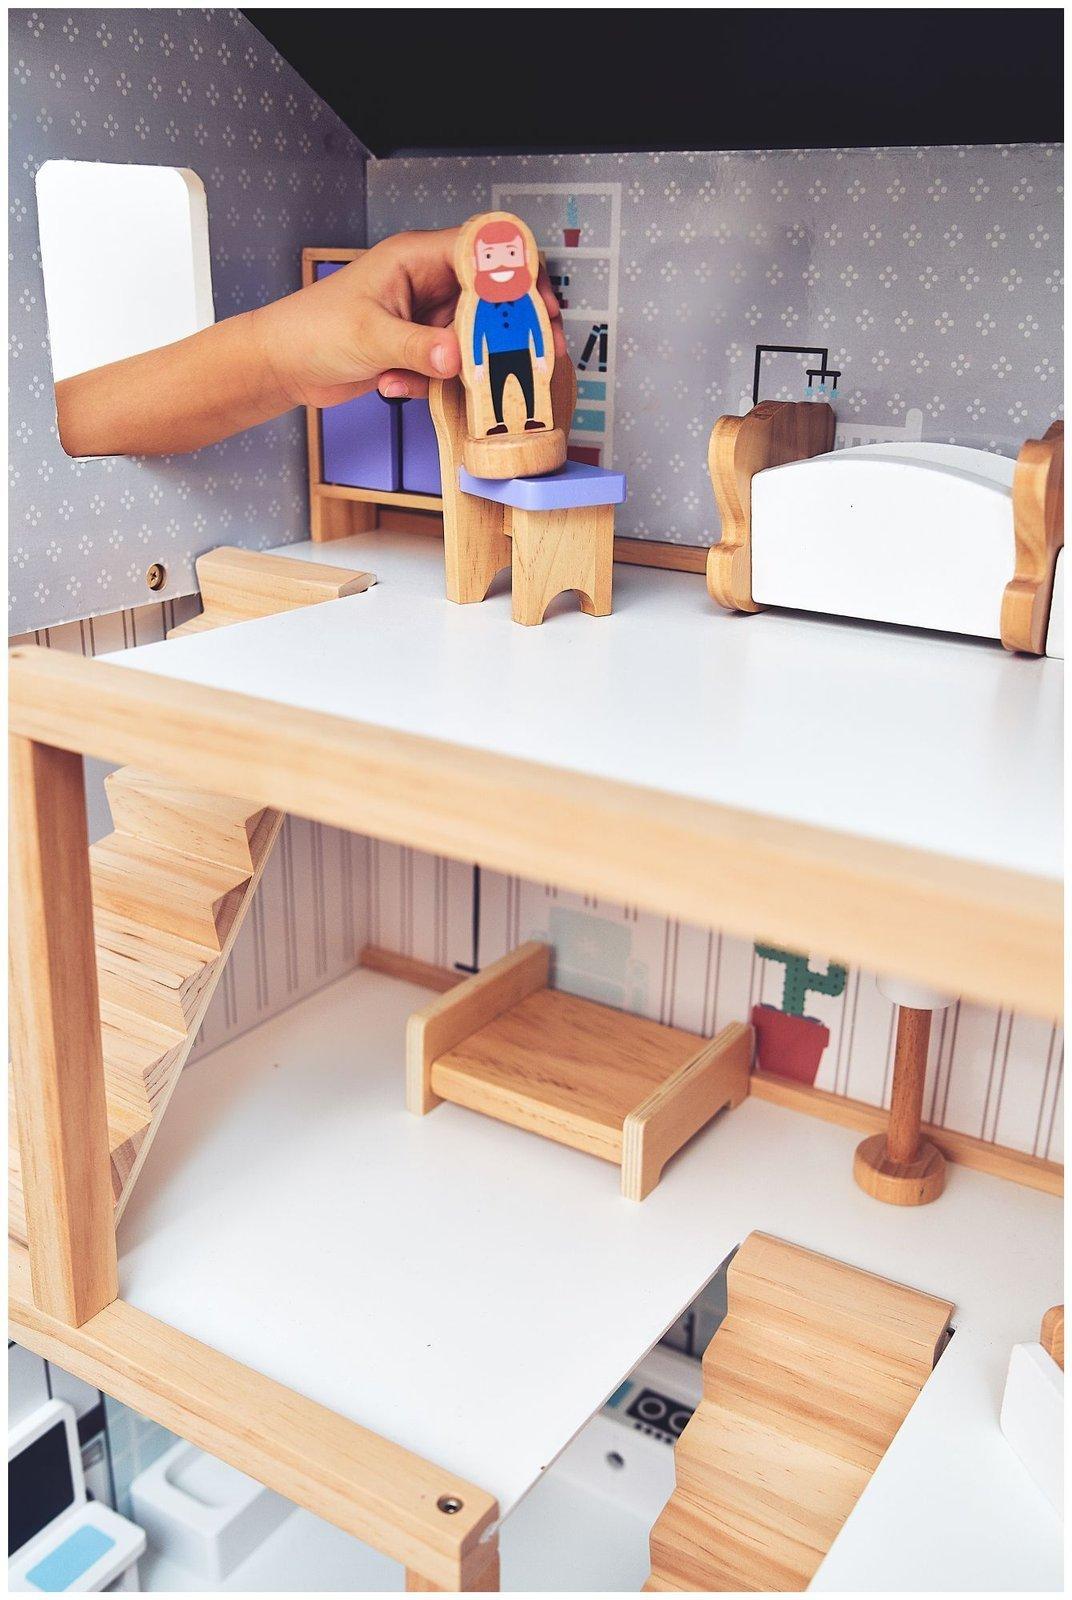 Biały drewniany domek dla lalek z akcesoriami 19 szt.